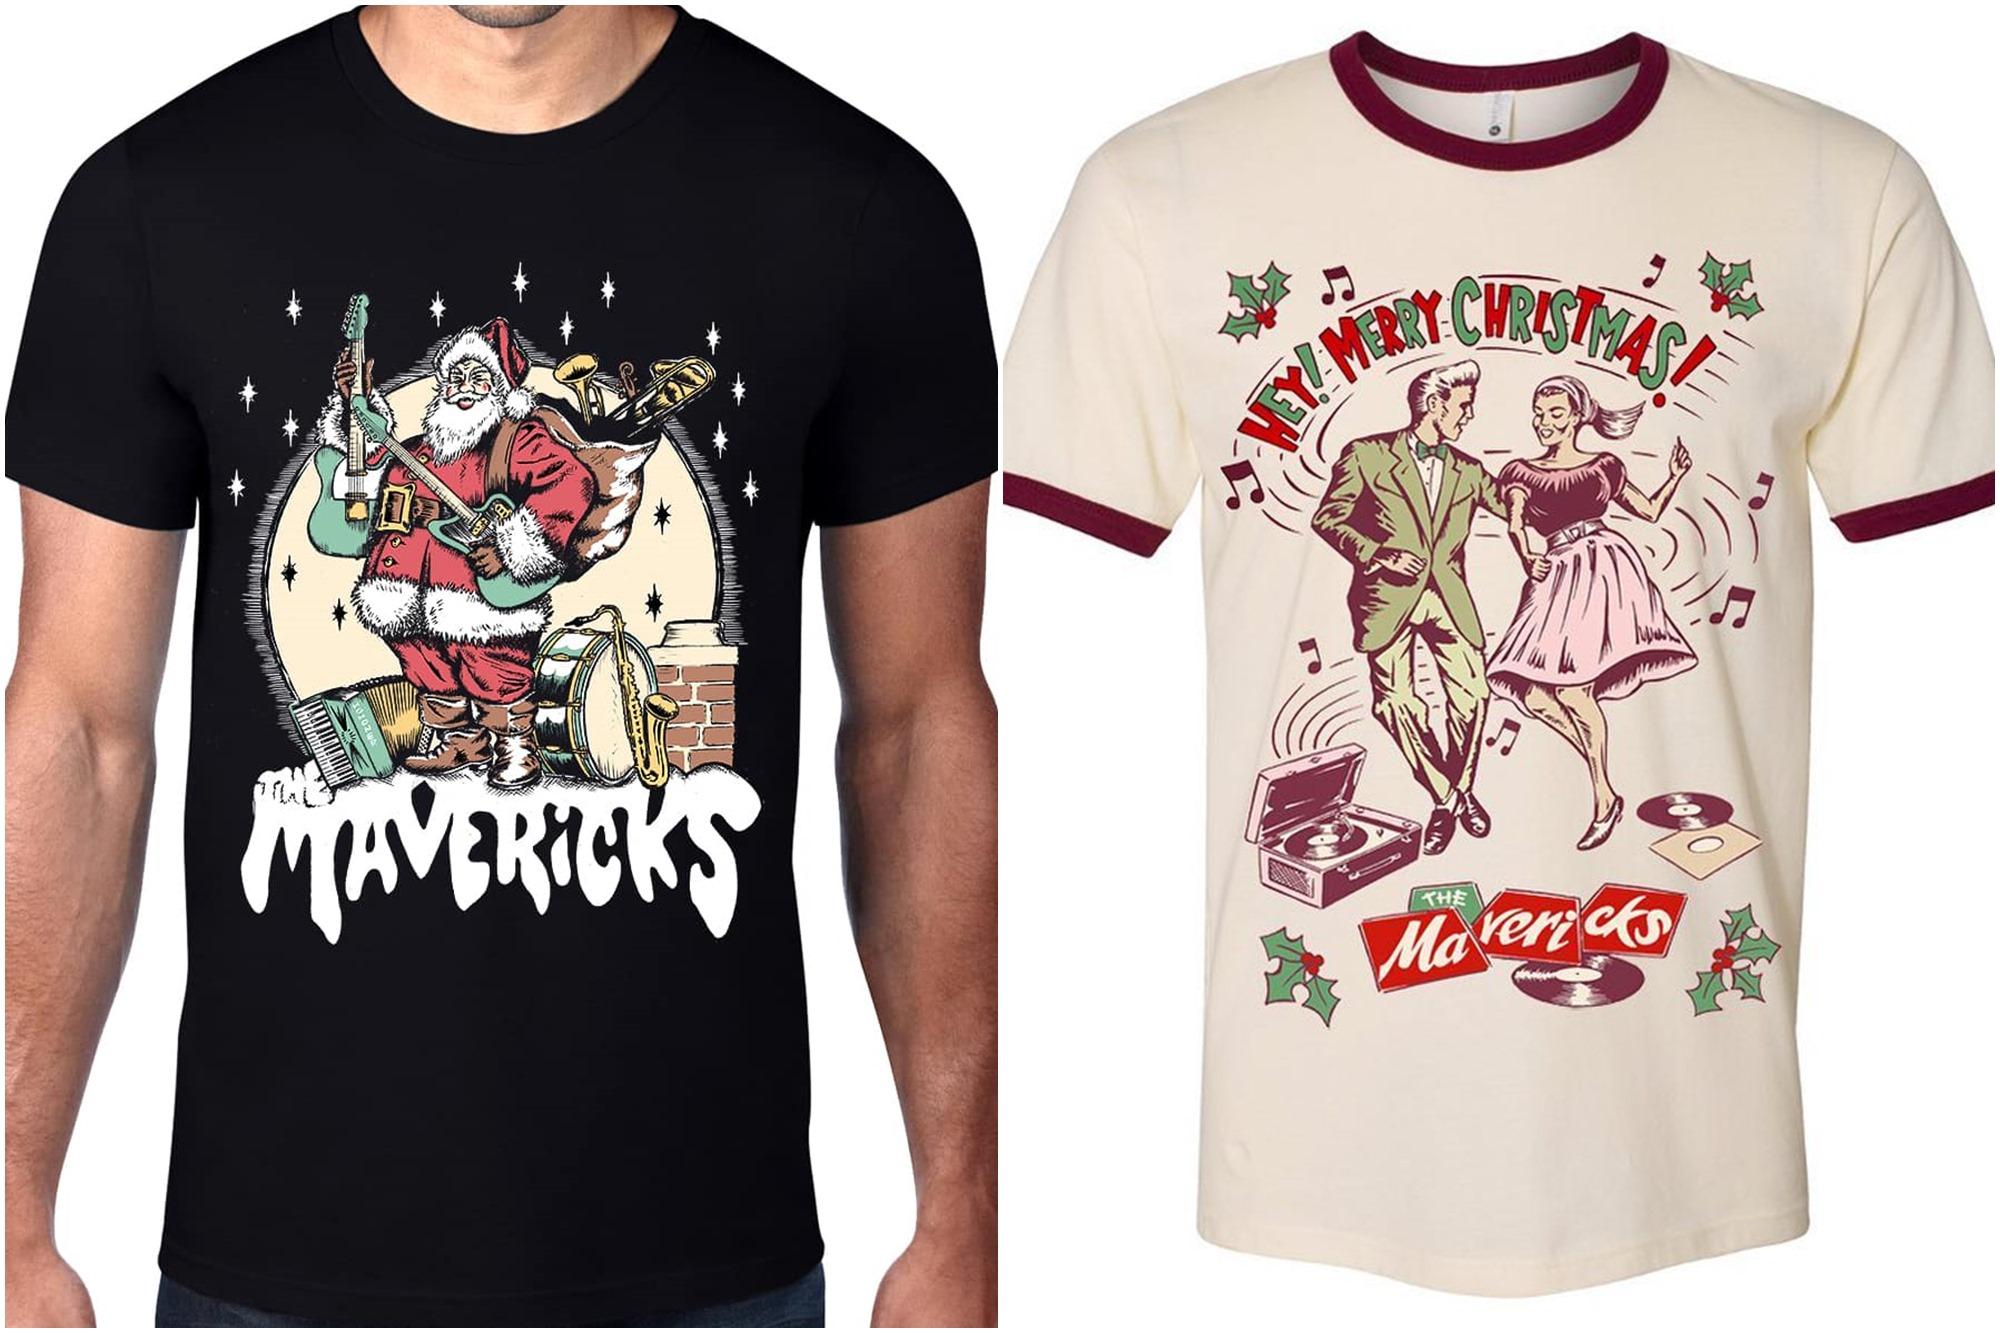 La banda de Miami tiene incluso modelos de camisetas para sus aficionados más acérrimos en estas fechas. Foto: Facebook The Mavericks.